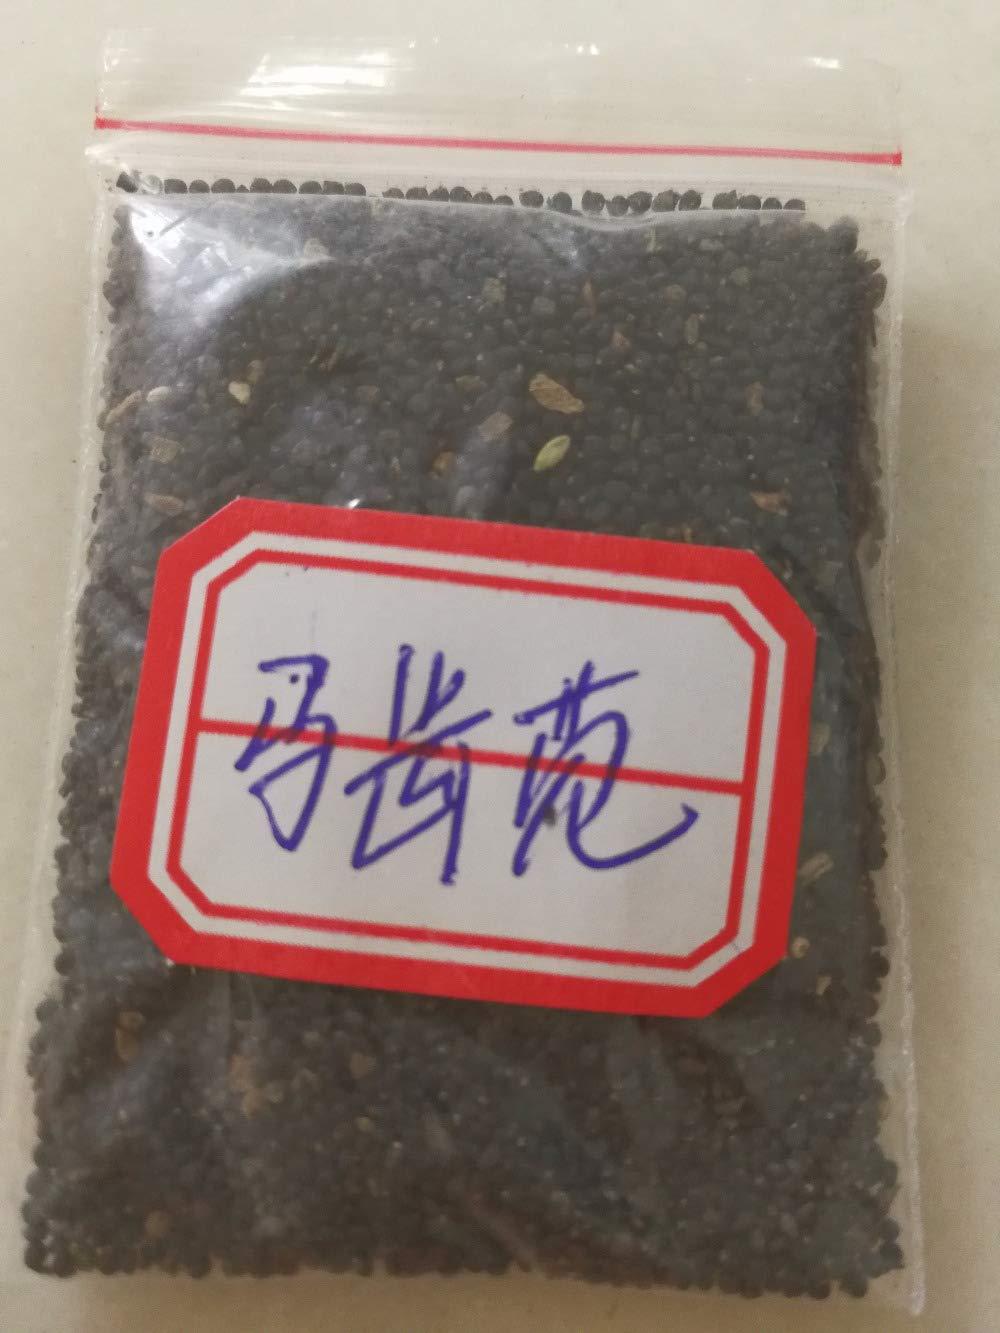 200pcs ing alimentaire Plentree Paquet de graines 5000pcs NON-OGM pourpier l/Ã/©gumes bio Bonsai 100/% authentique d/Ã/©licieux facile